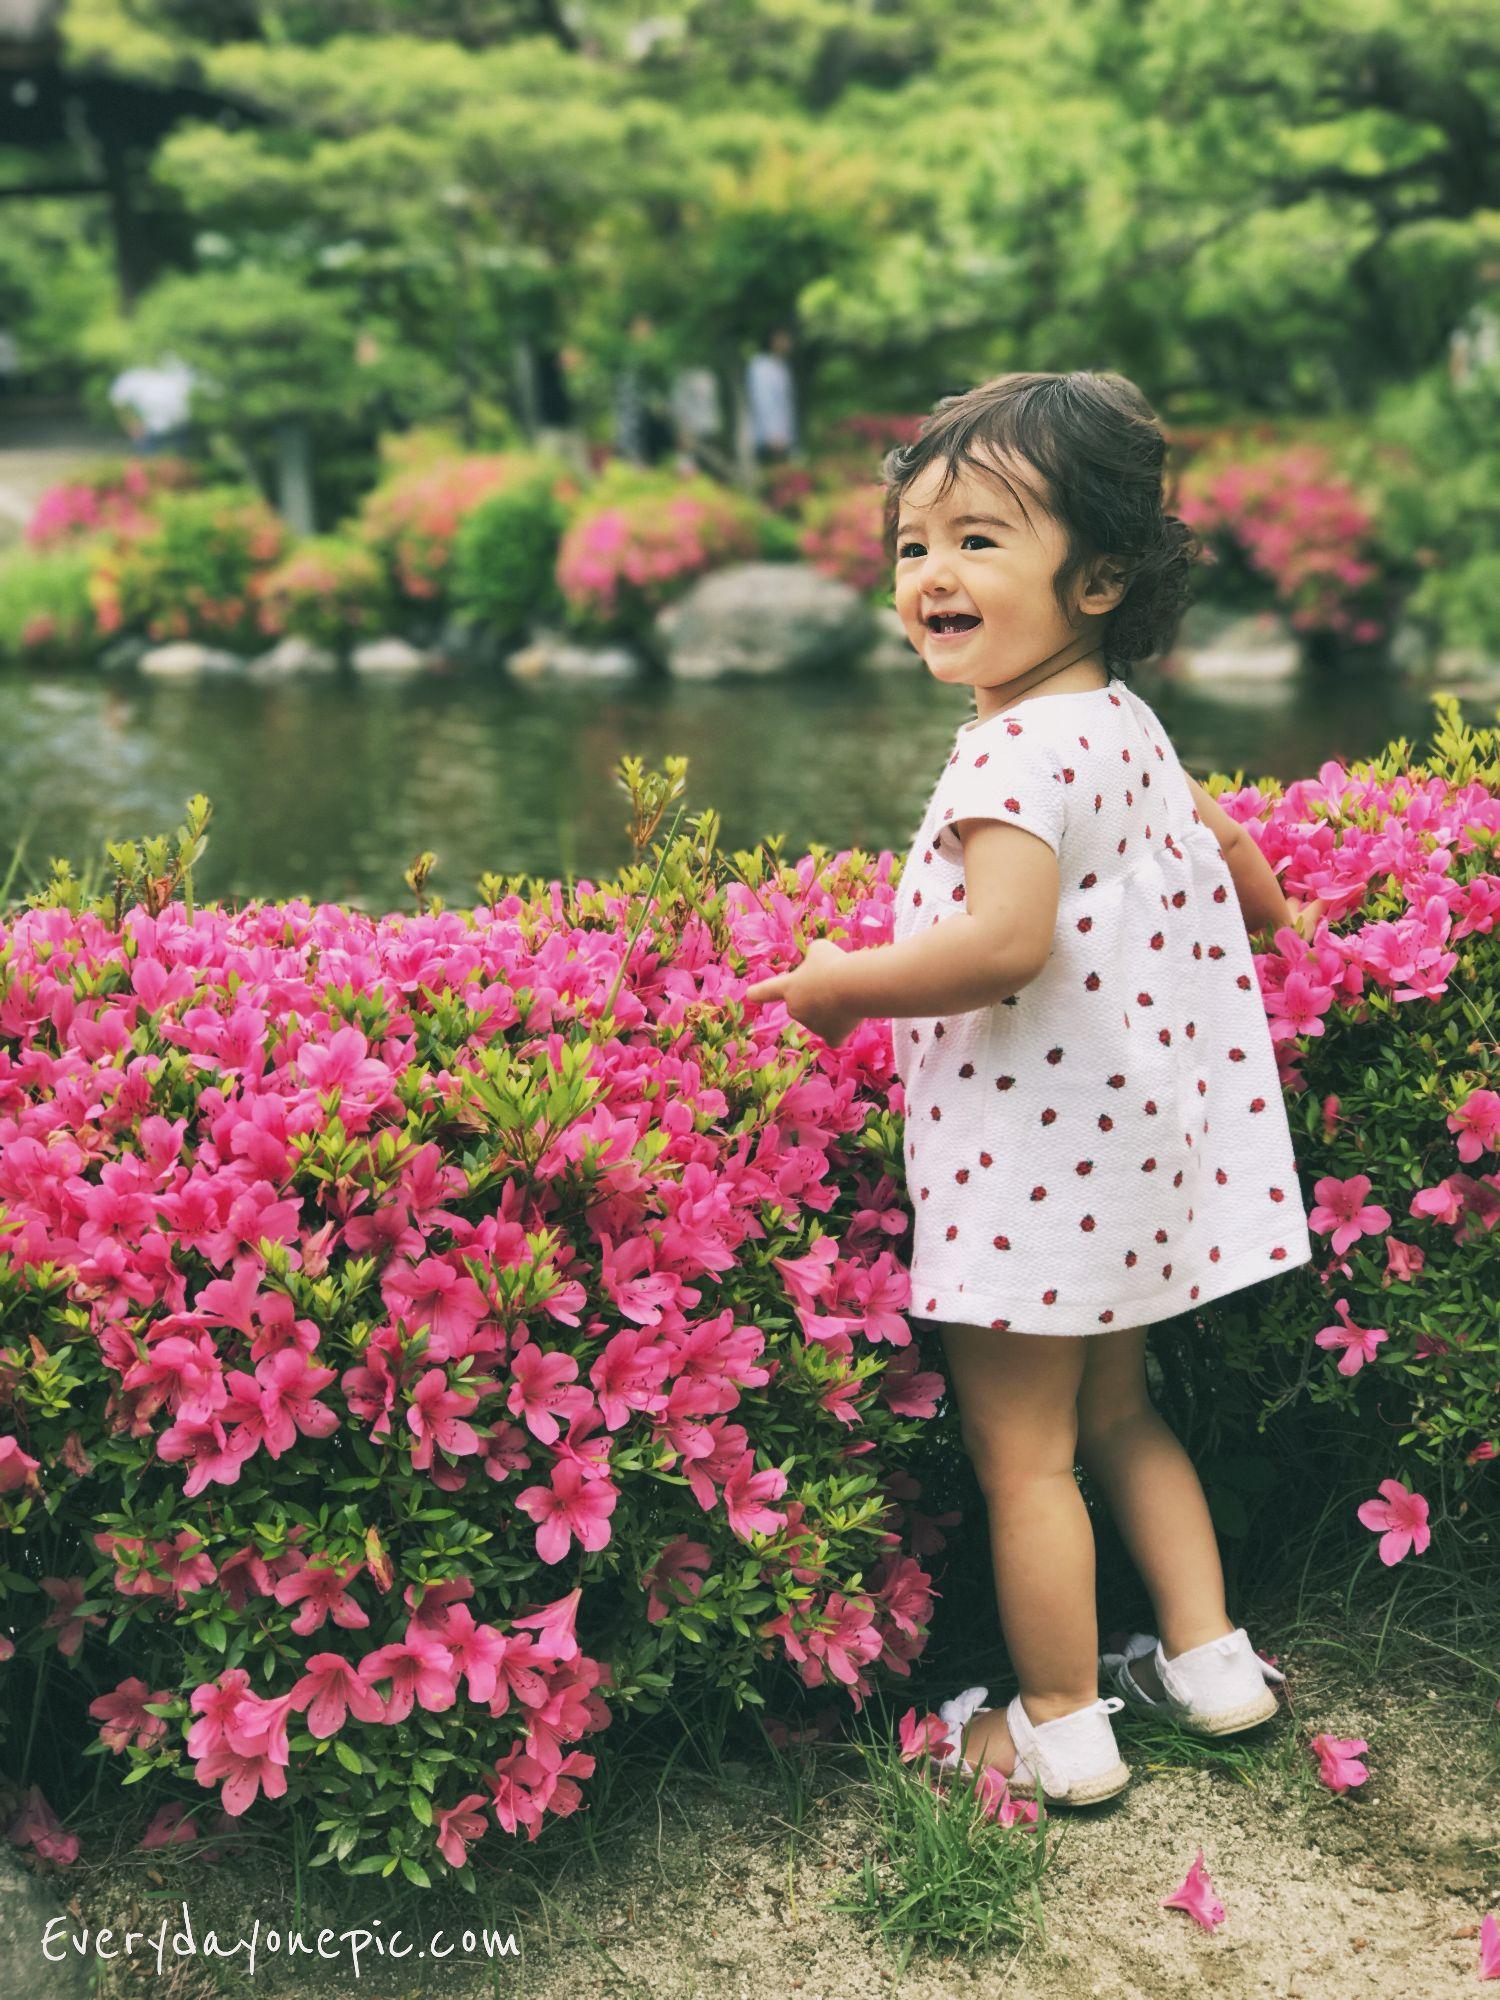 petite-fille-joyeuse